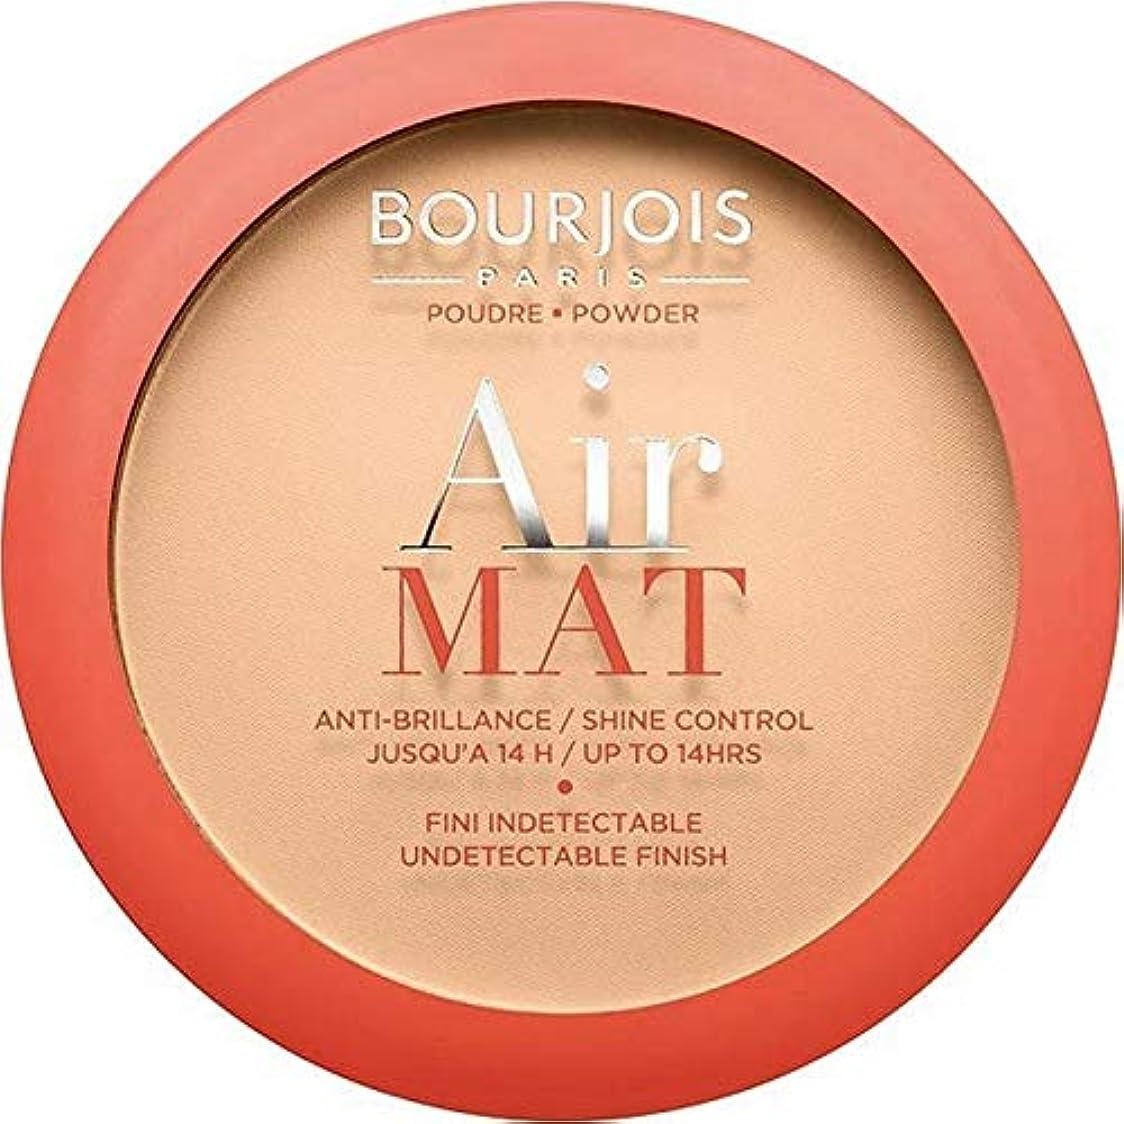 マンモス八先生[Bourjois ] ブルジョワ空気マット圧粉 - ライトベージュ - Bourjois Air Mat Pressed Powder - Light Beige [並行輸入品]